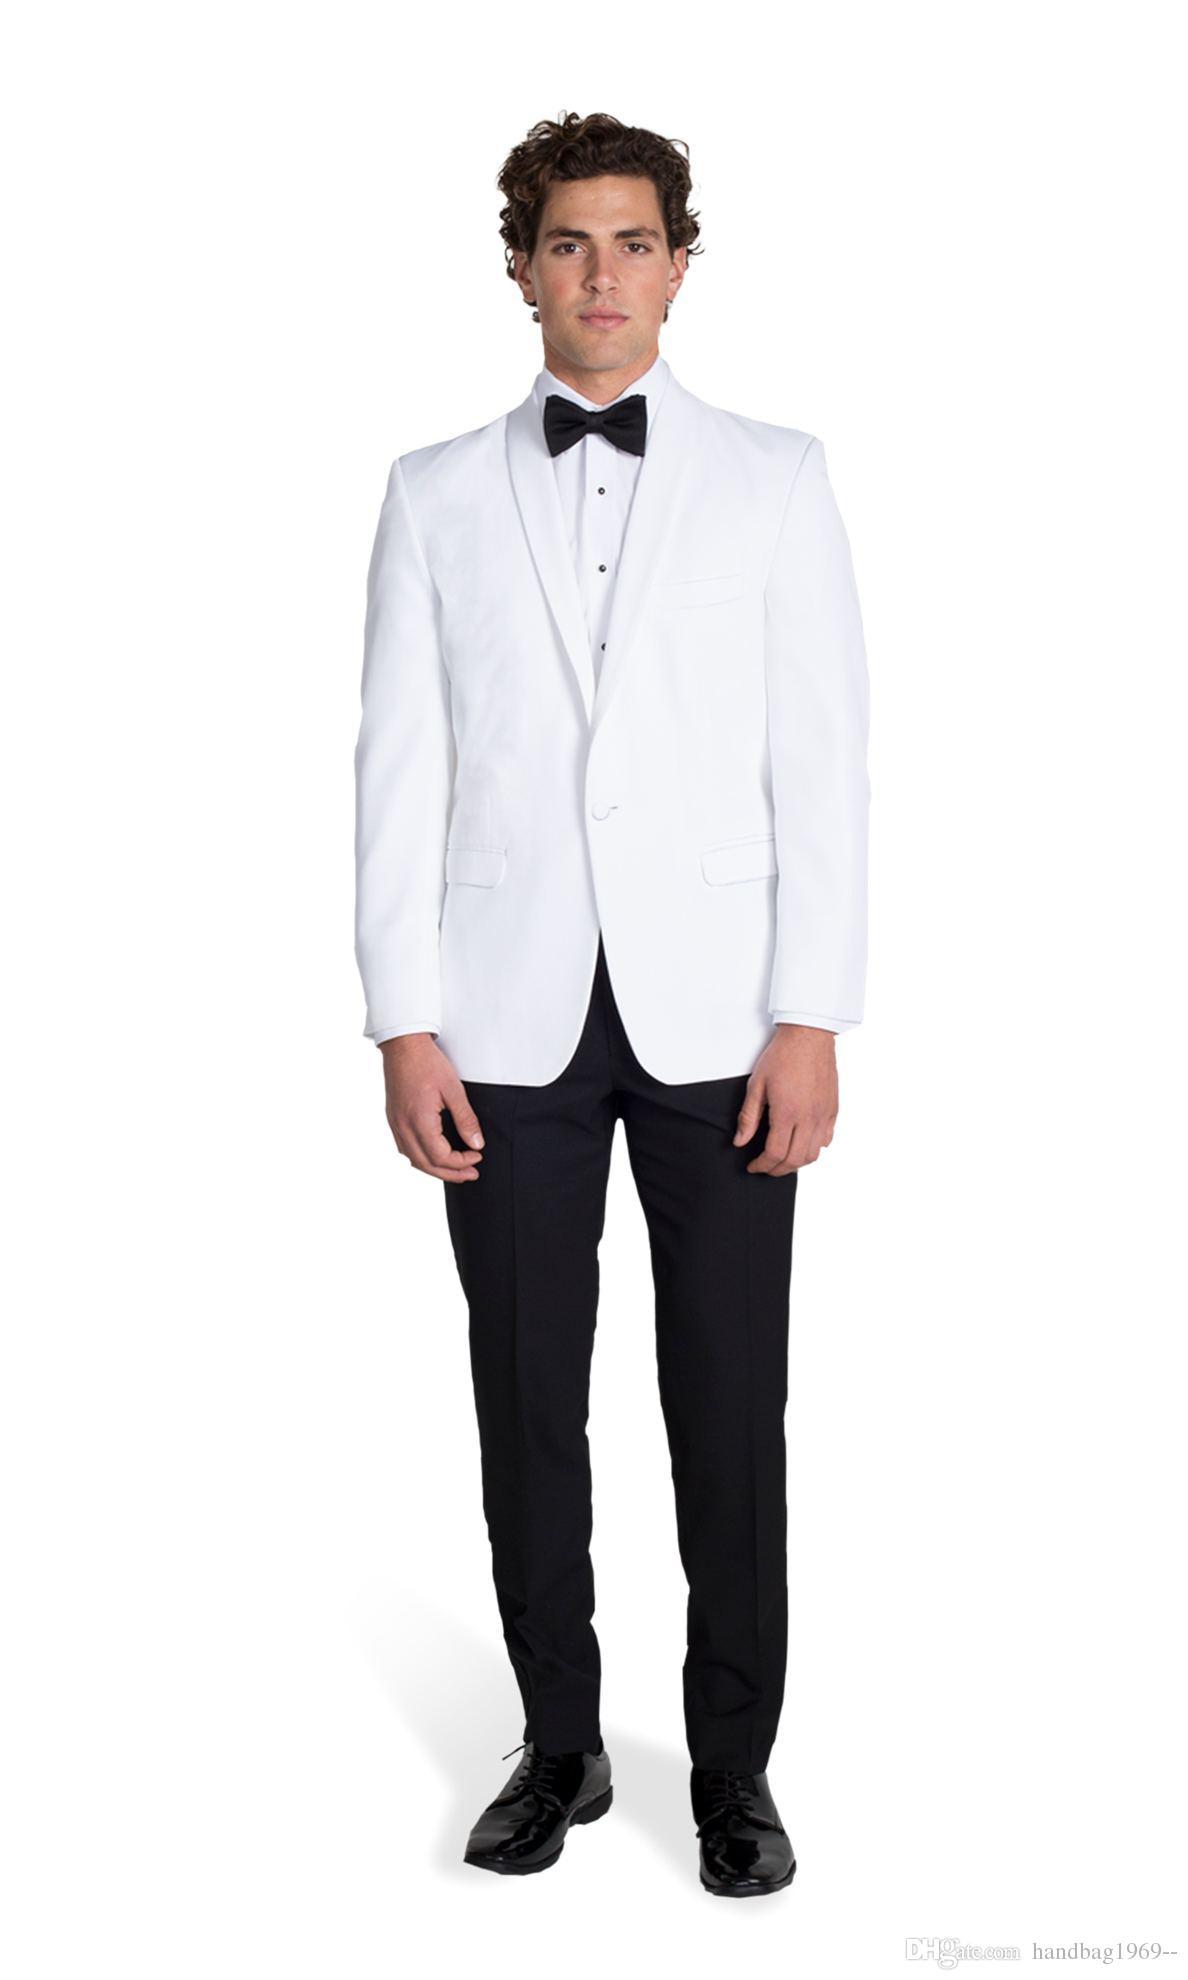 Neuheiten One Button Weiß Bräutigam Smoking Schal Revers Groomsmen Best Man Blazer Mens Hochzeitsanzüge Jacke + Pants + Tie D: 355